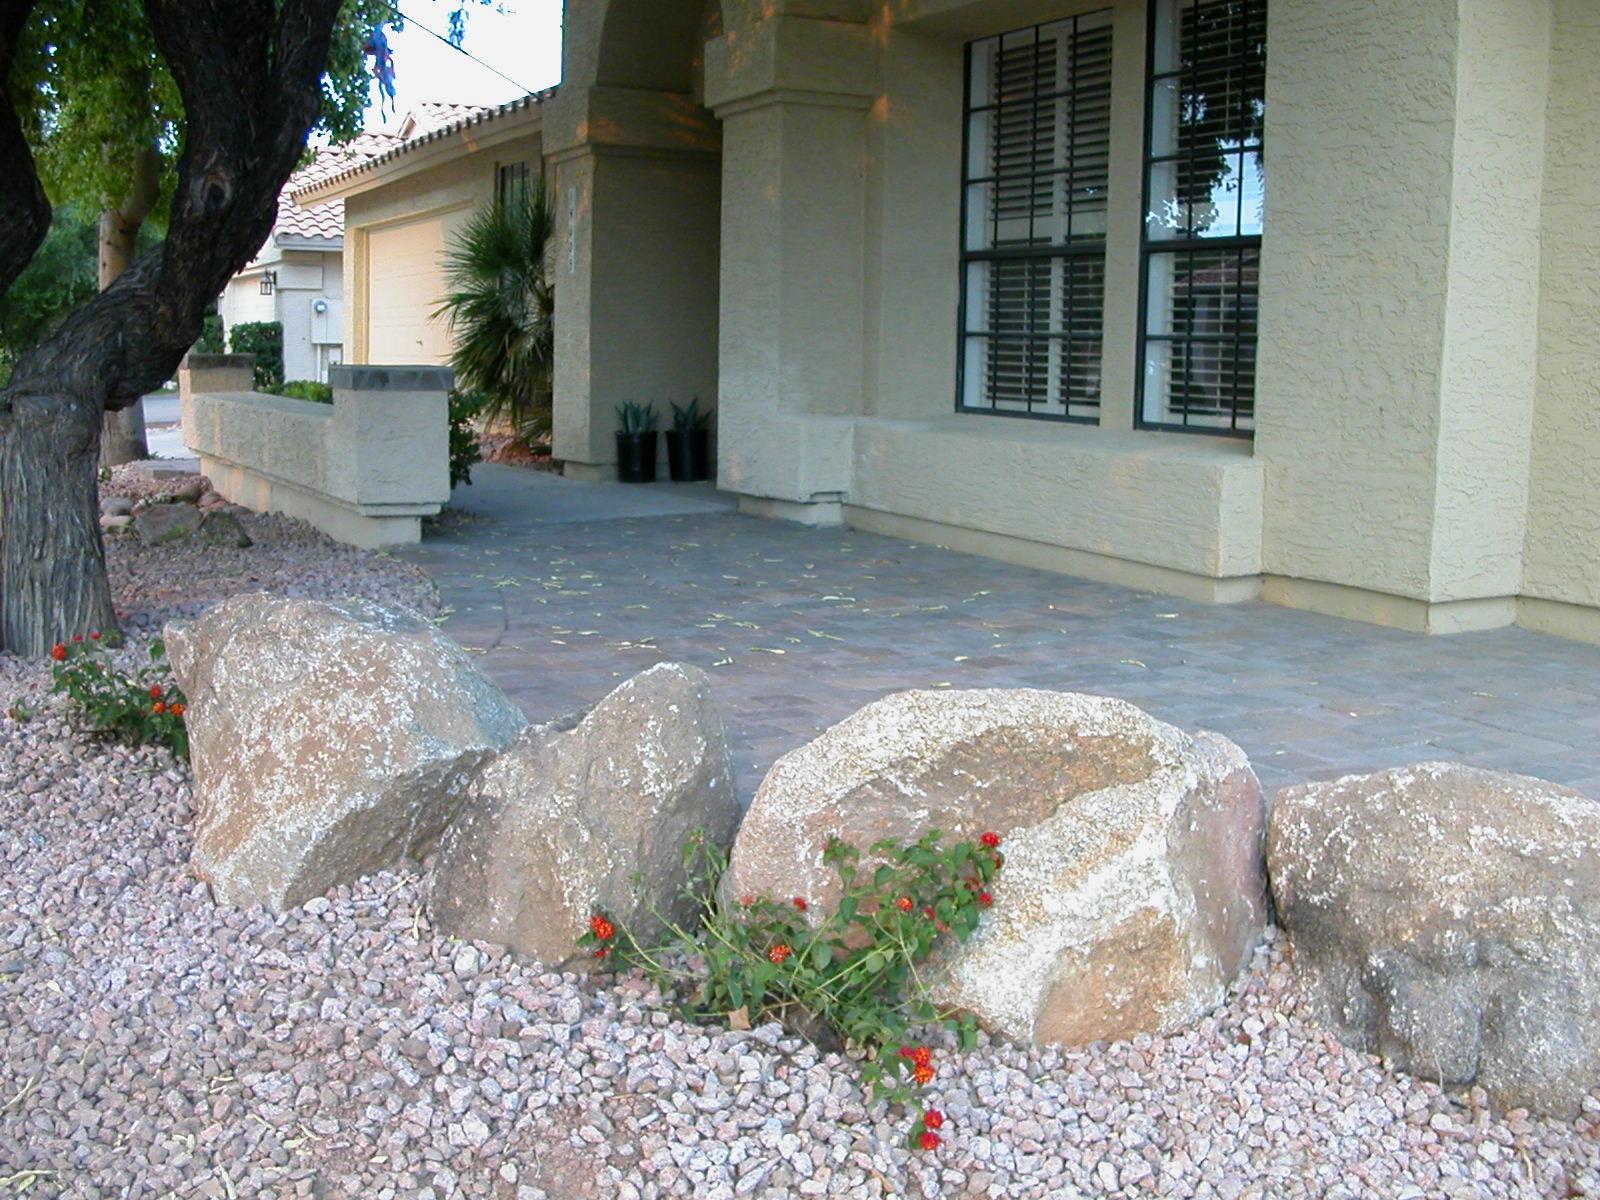 Boulders & pillars